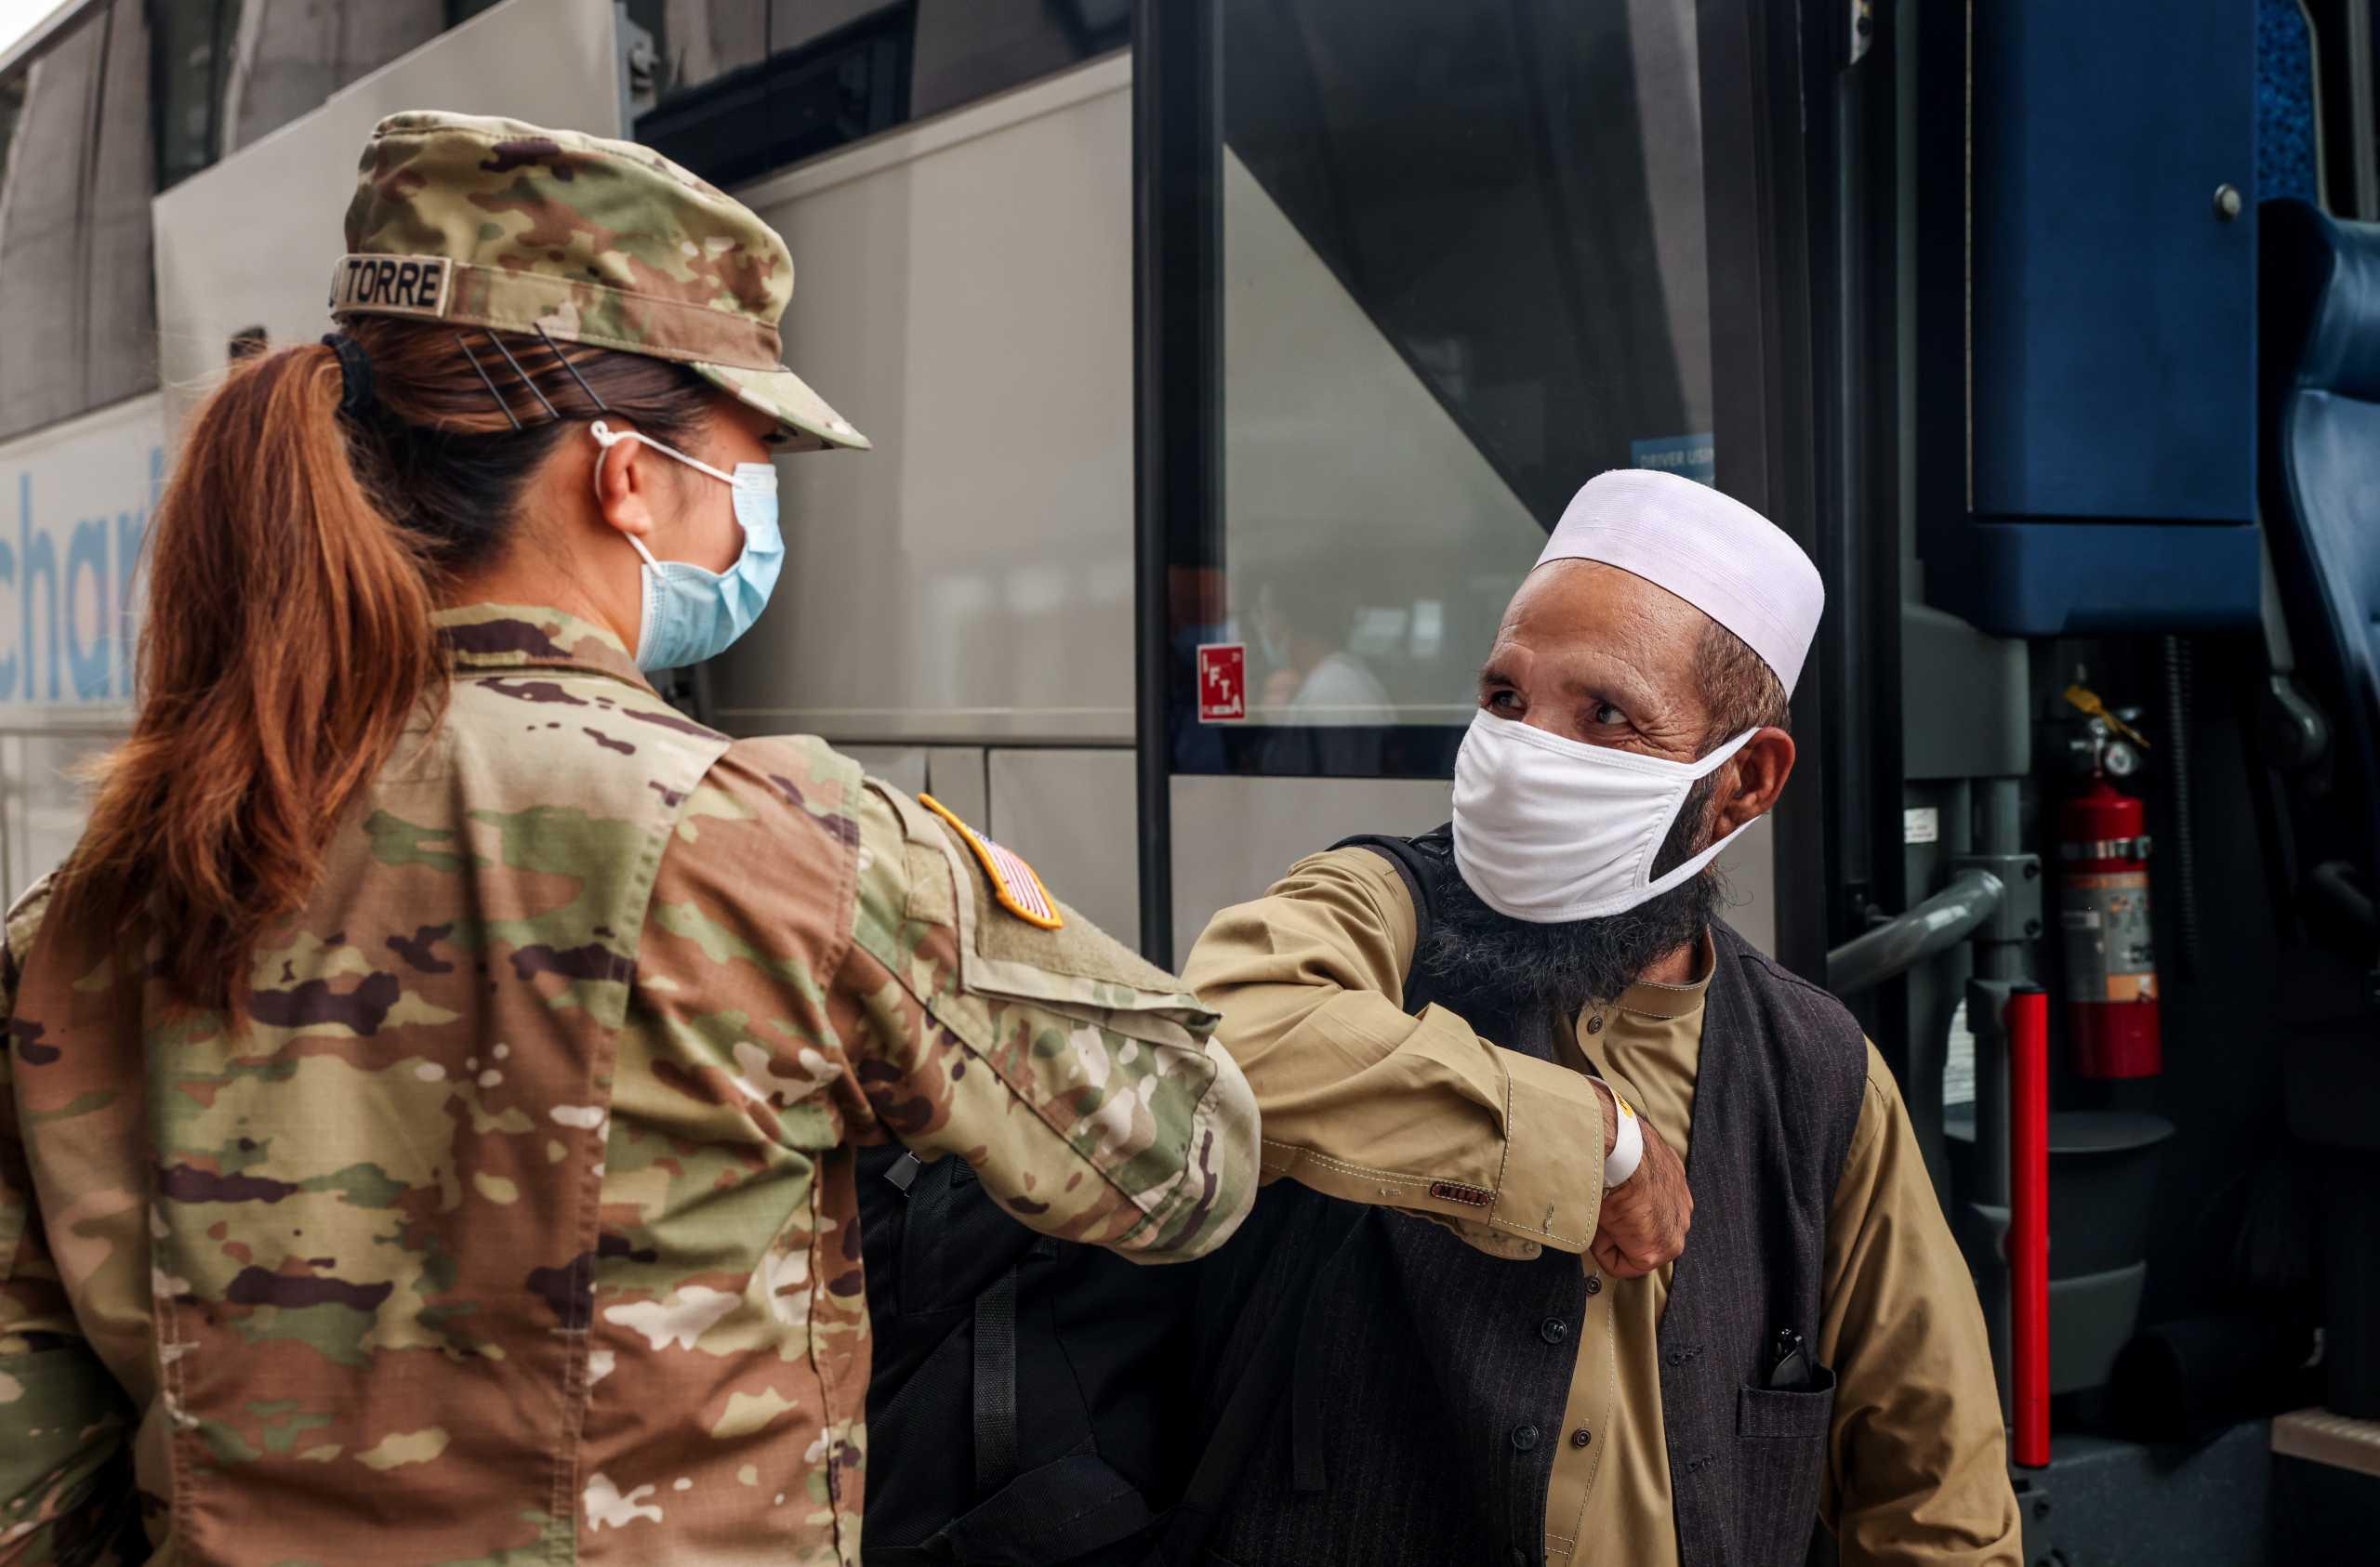 Αφγανιστάν: Ο Γ.Γ. του ΝΑΤΟ υπόσχεται να μην «ξεχαστούν» οι Αφγανοί που δεν μπόρεσαν να φύγουν